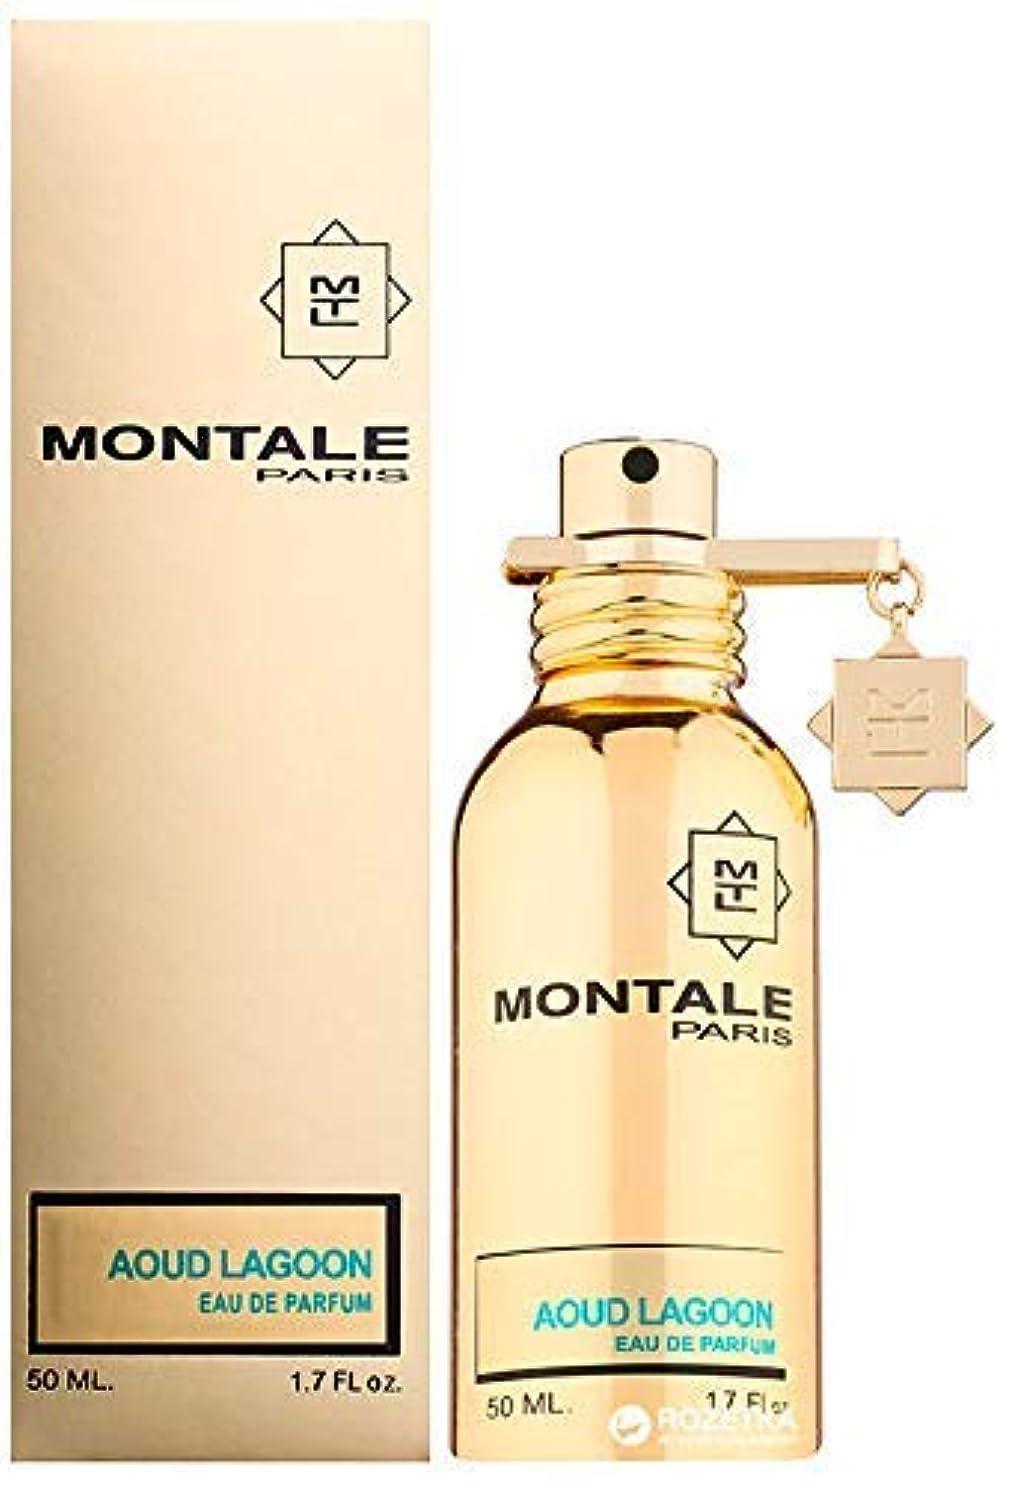 軍隊区別する表面MONTALE AOUD LAGOON Eau de Perfume 50ml Made in France 100% 本物モンターレ アラブ ラグーン香水 50 ml フランス製 +2サンプル無料! + 30 mlスキンケア無料!